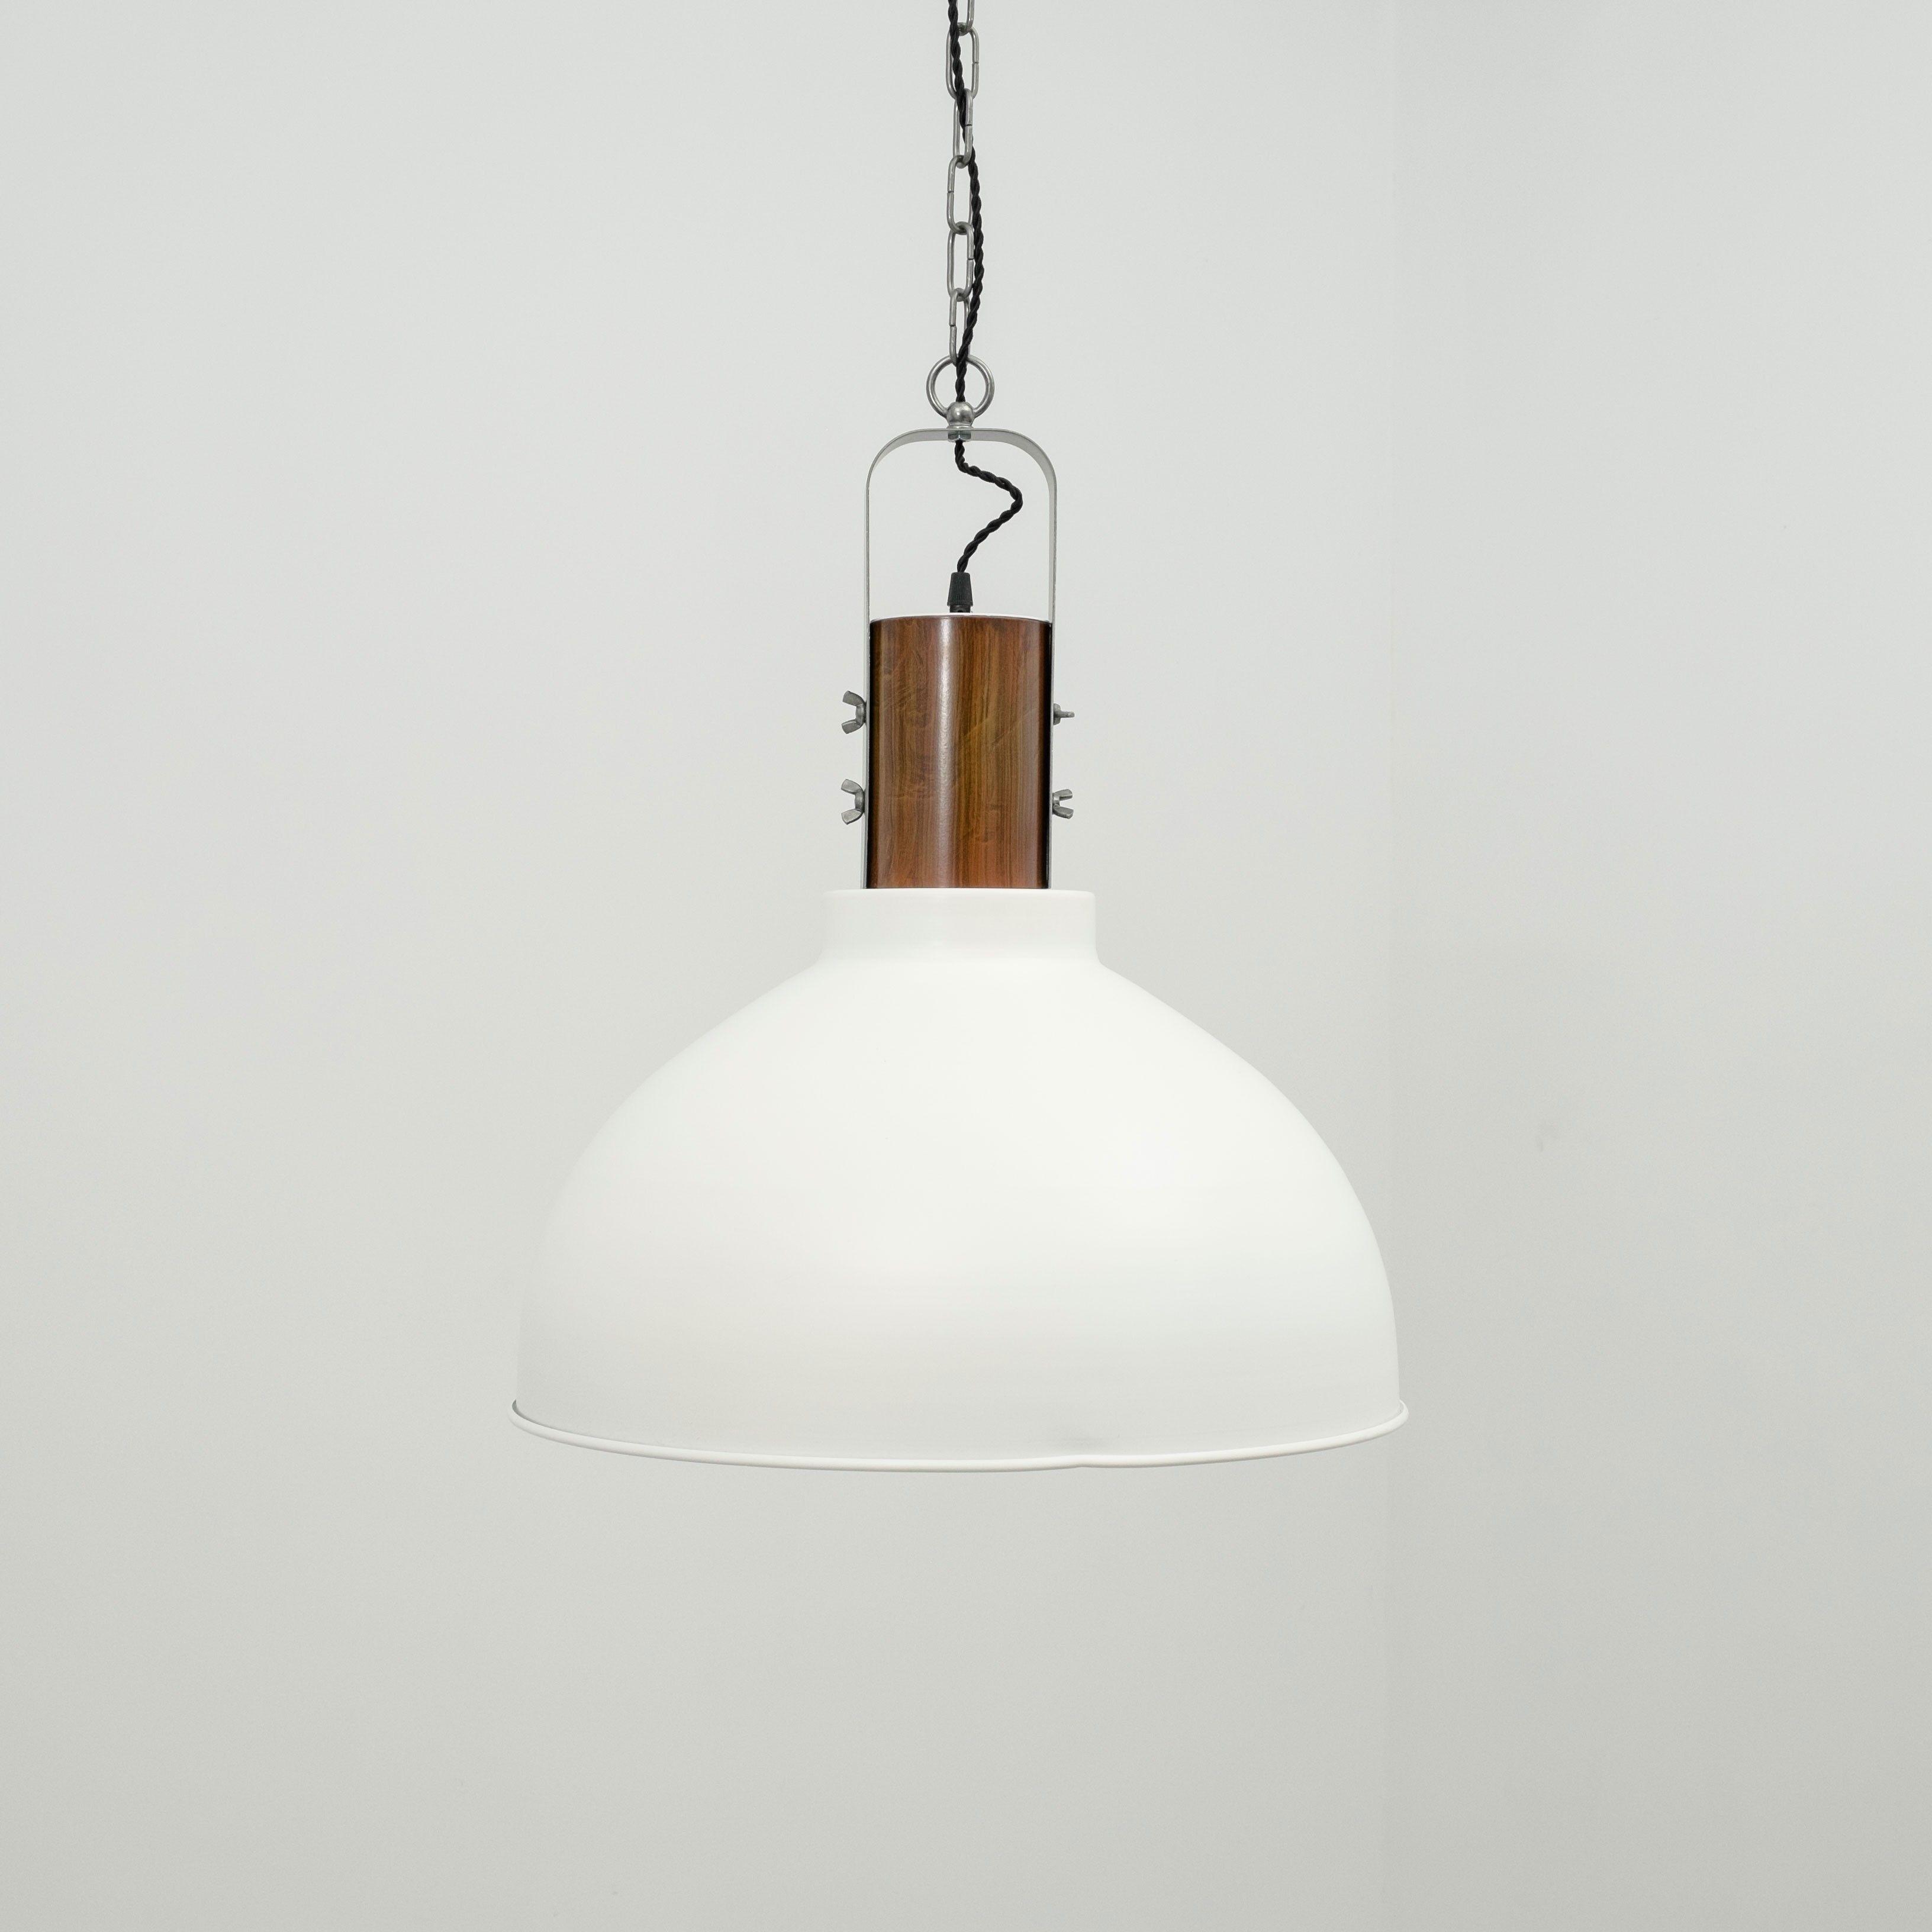 lamparas de techo metalico